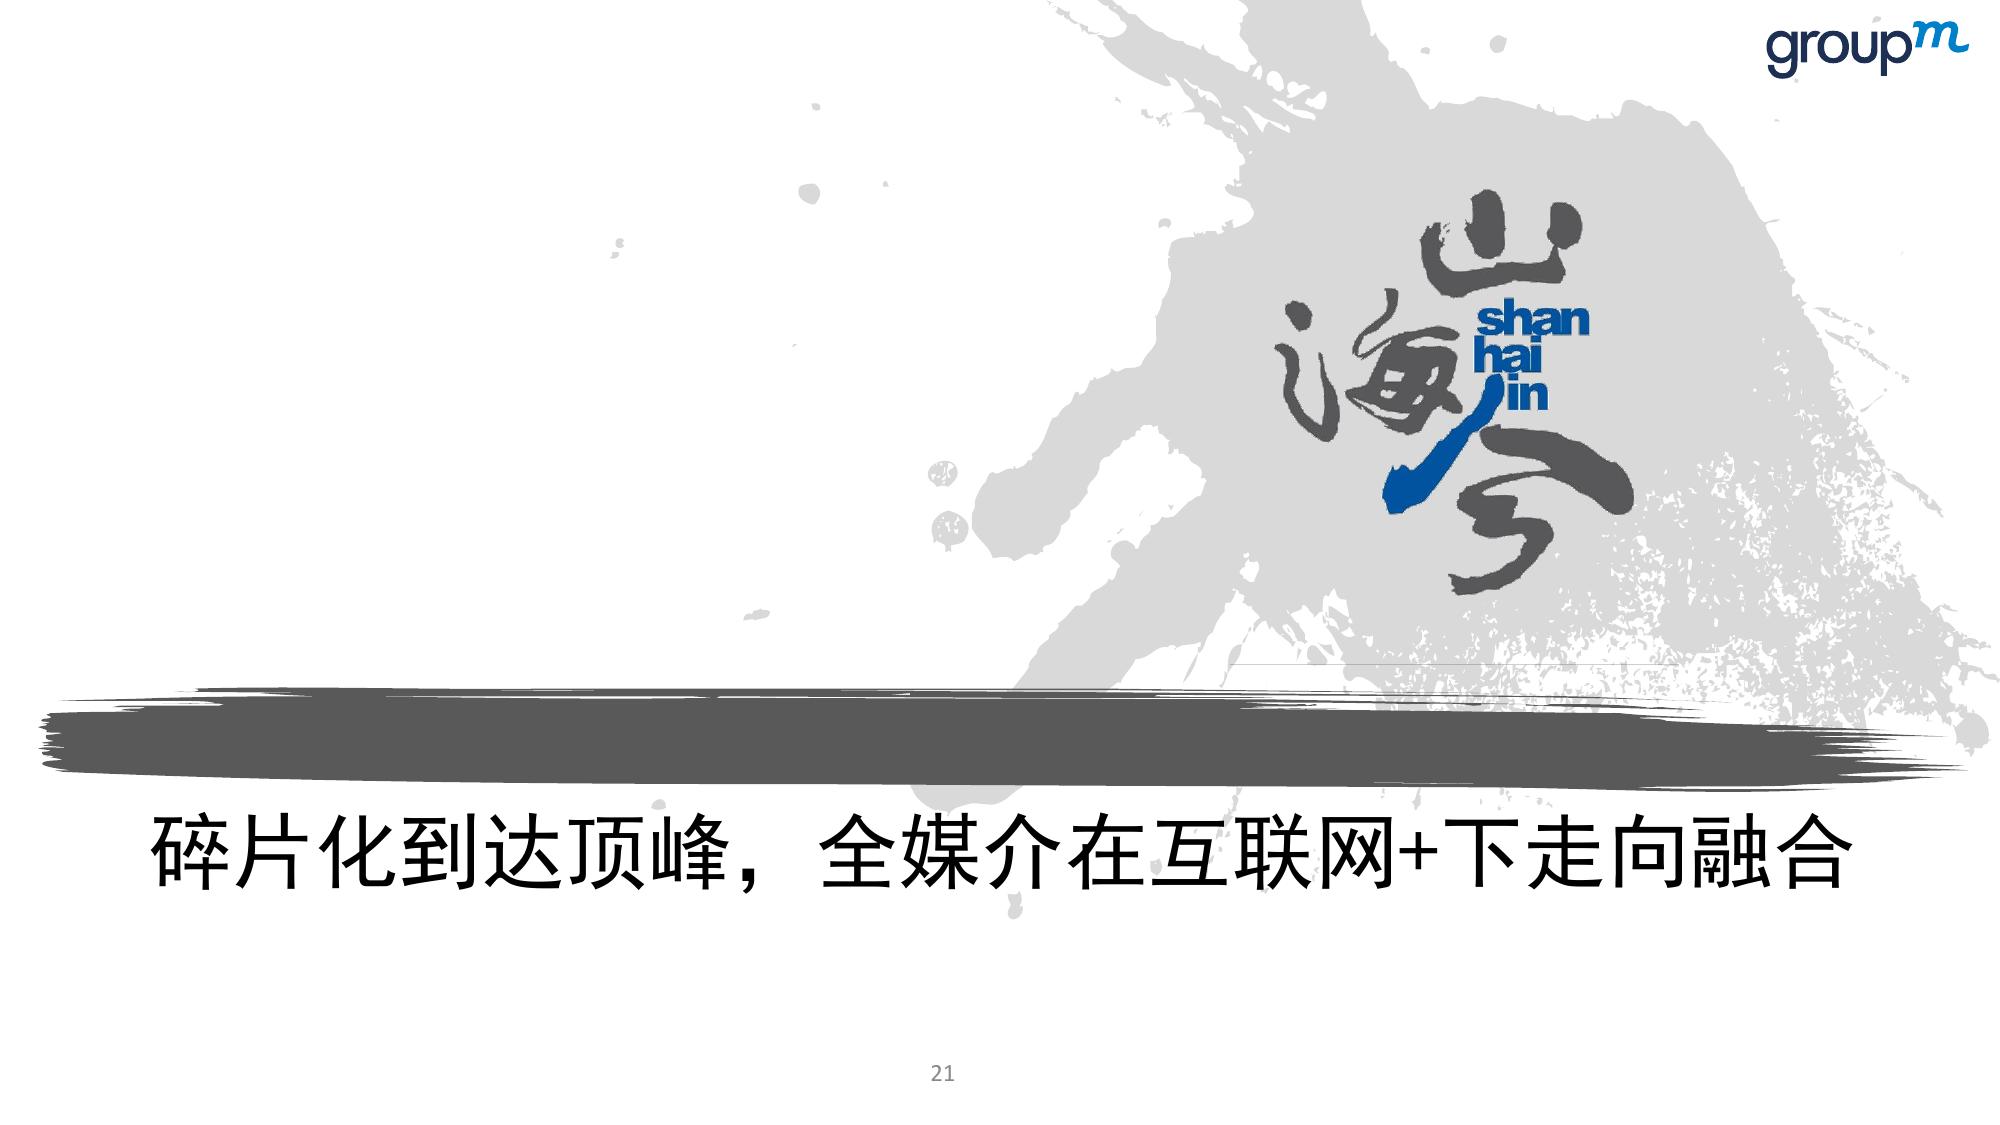 山海今2015中国媒介趋势报告_000021